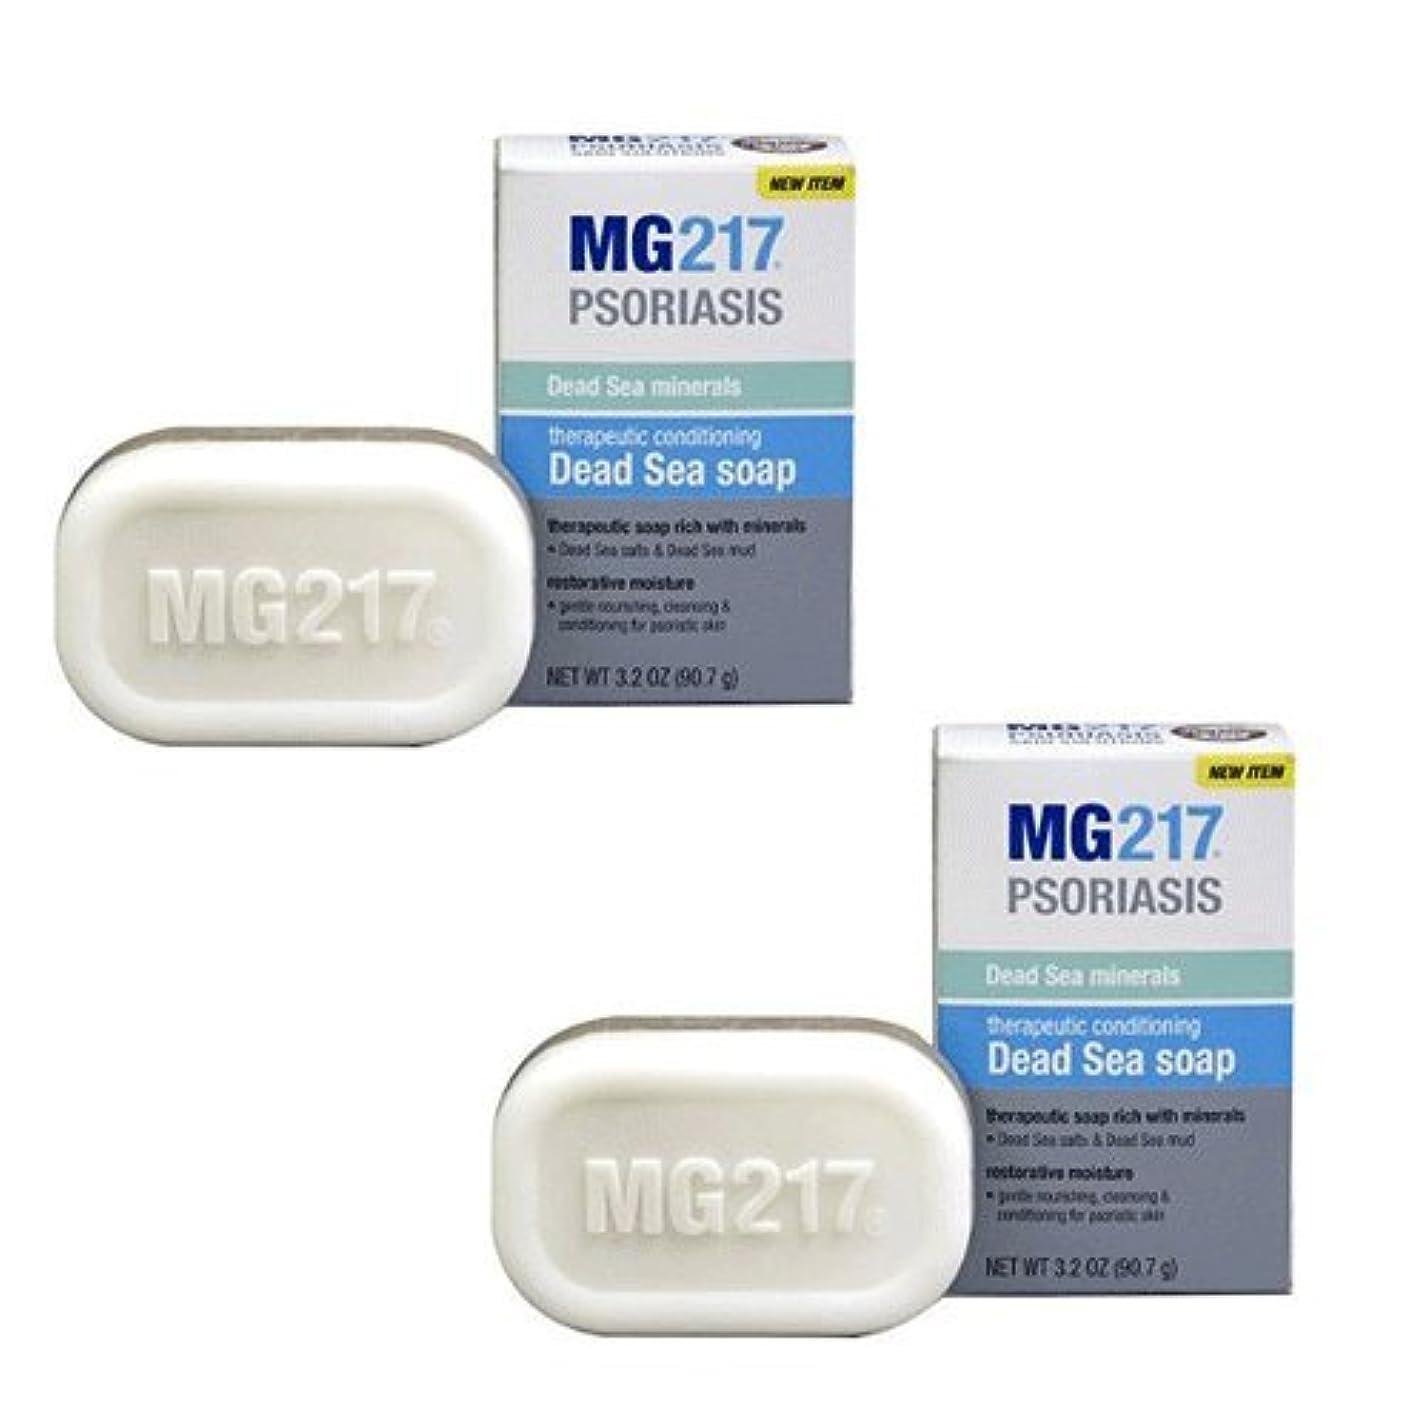 マダムジャーナルチェス2個セット 死海の泥とミネラルたっぷり MG217ソープ 90g MG217 Psoriasis Therapeutic Conditioning Dead Sea Bar Soap